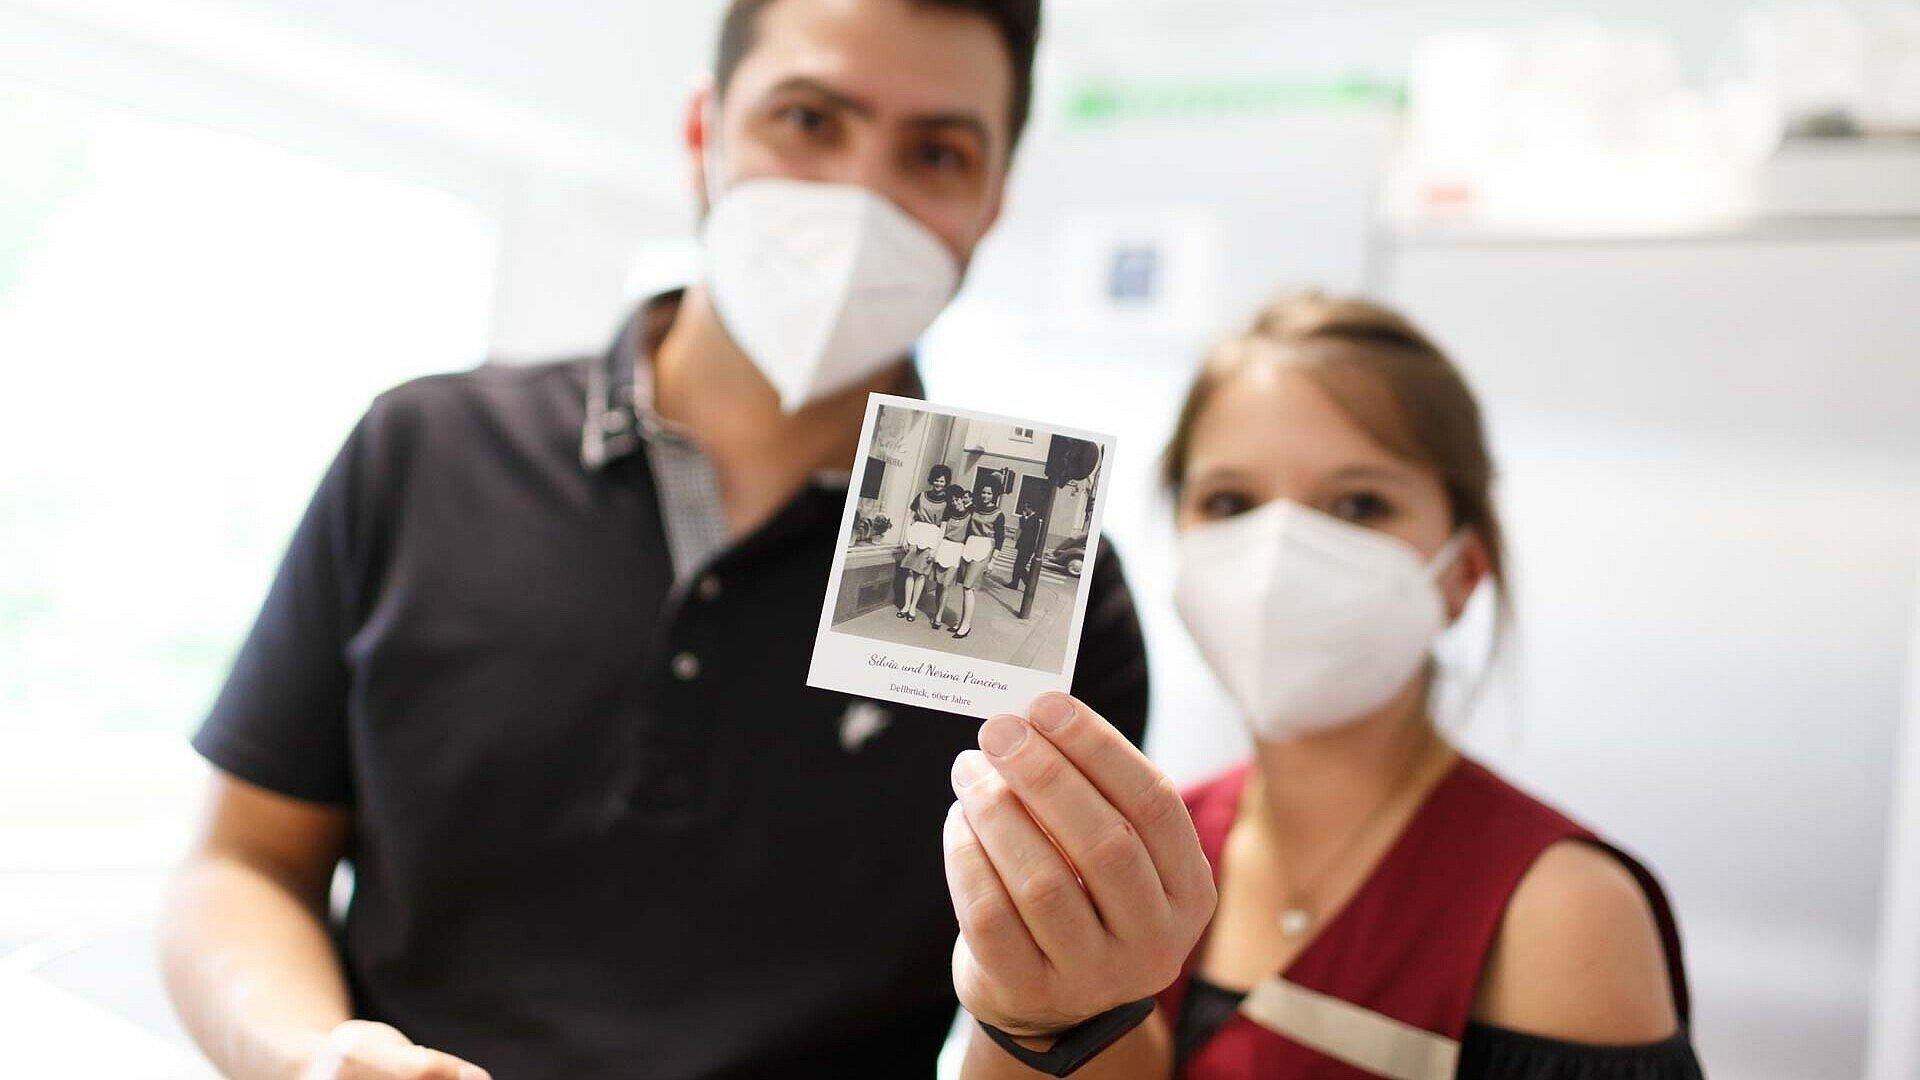 Daniele und Carina zeigen ein historisches Foto